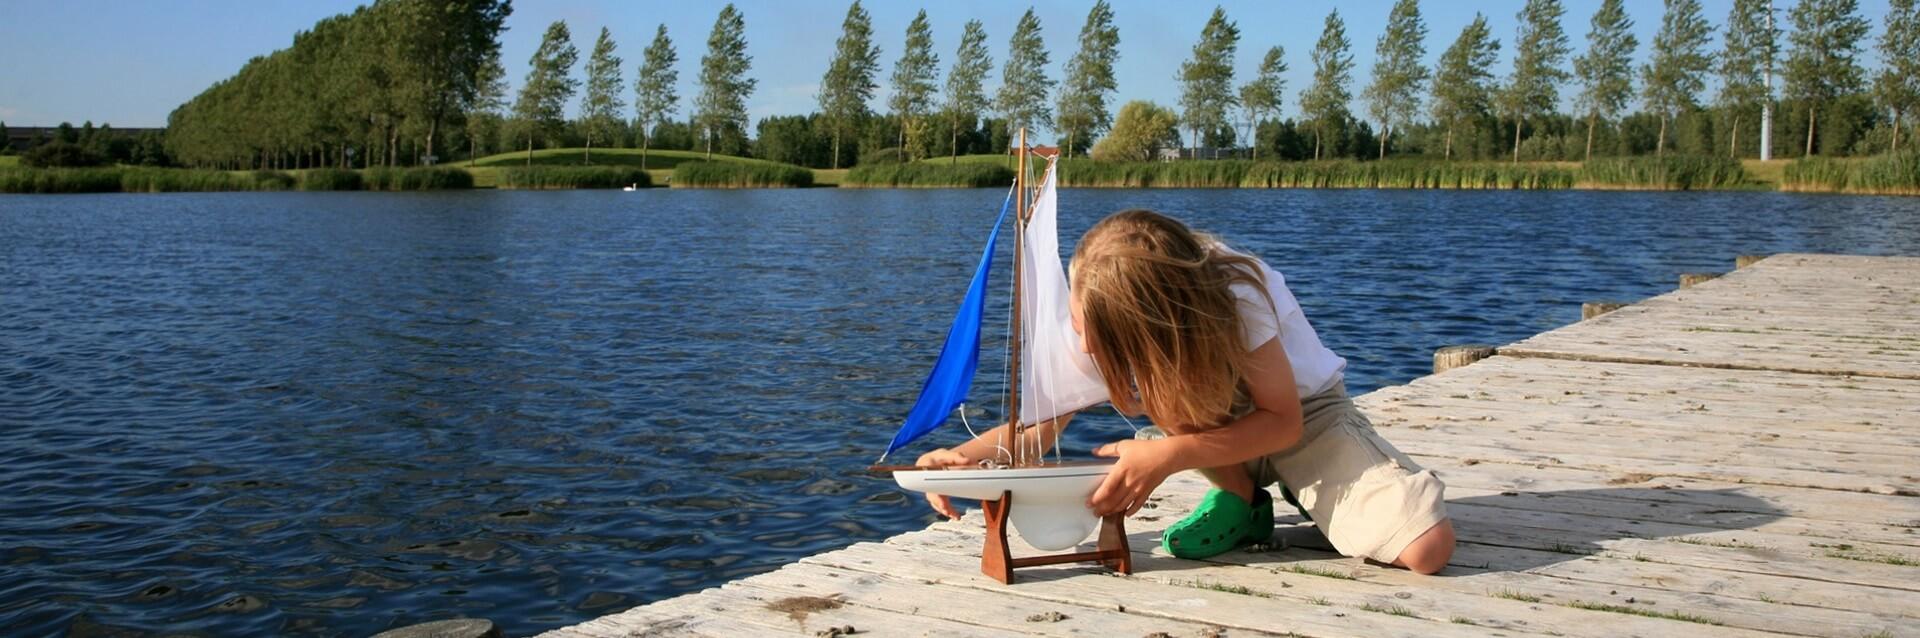 Envie d'un camping en bord de lac ? baignade, canoë, pêche...